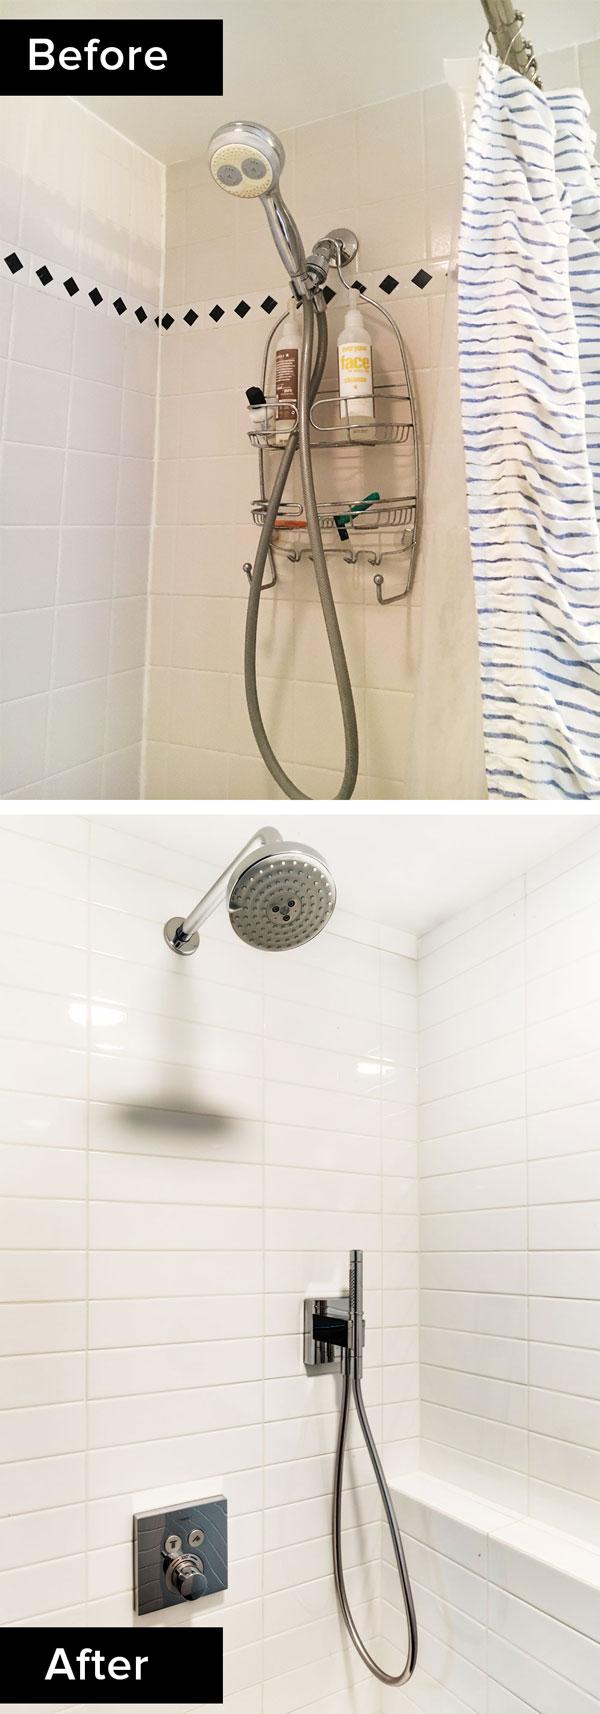 custom bathroom remodel, walk-in shower fixtures